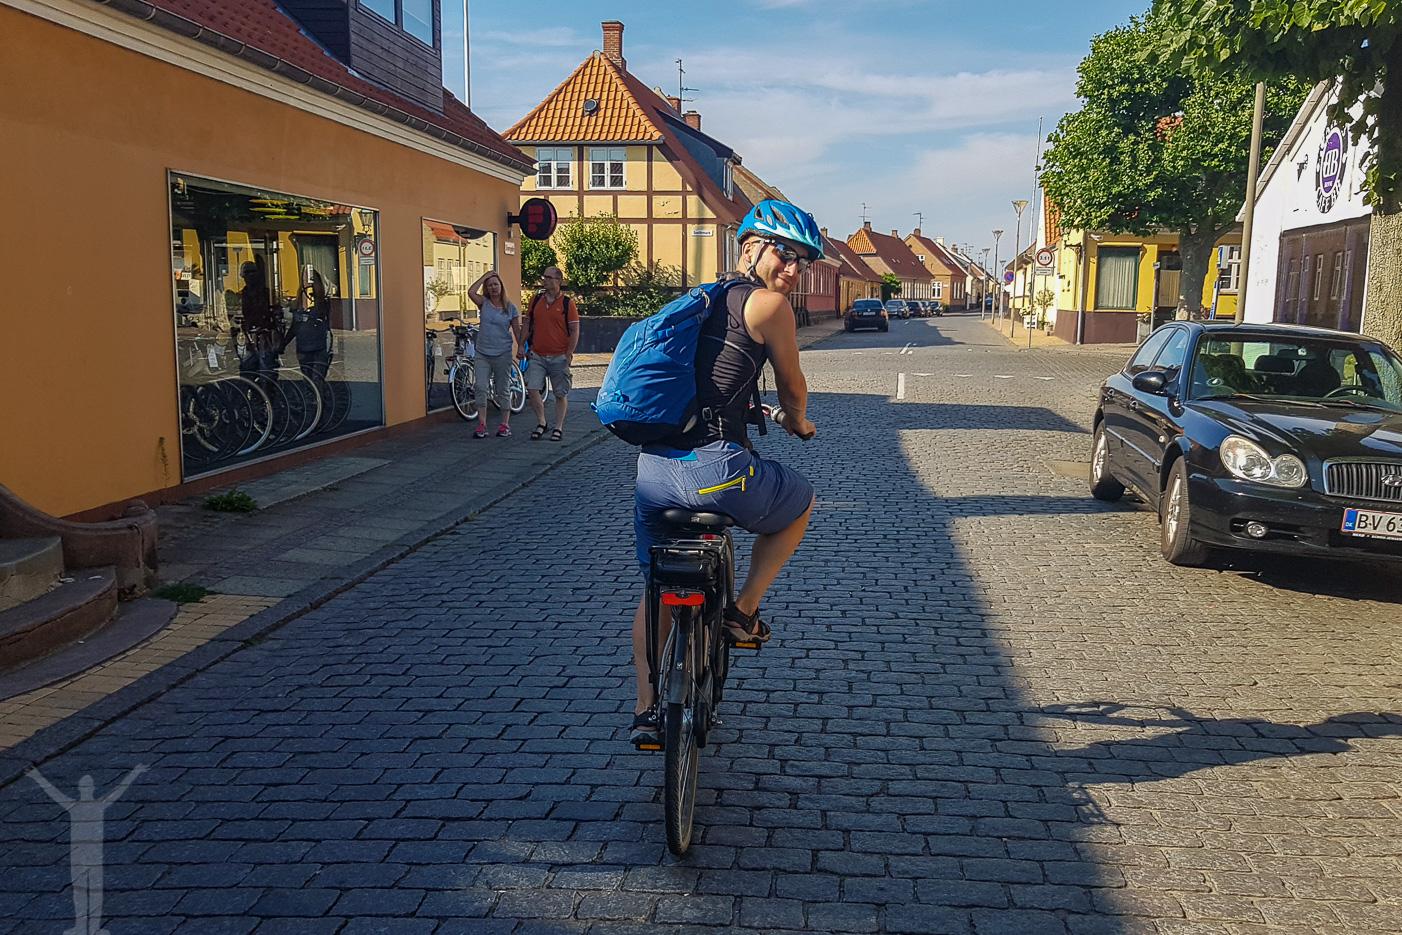 Dryden på elcykel i Rønne